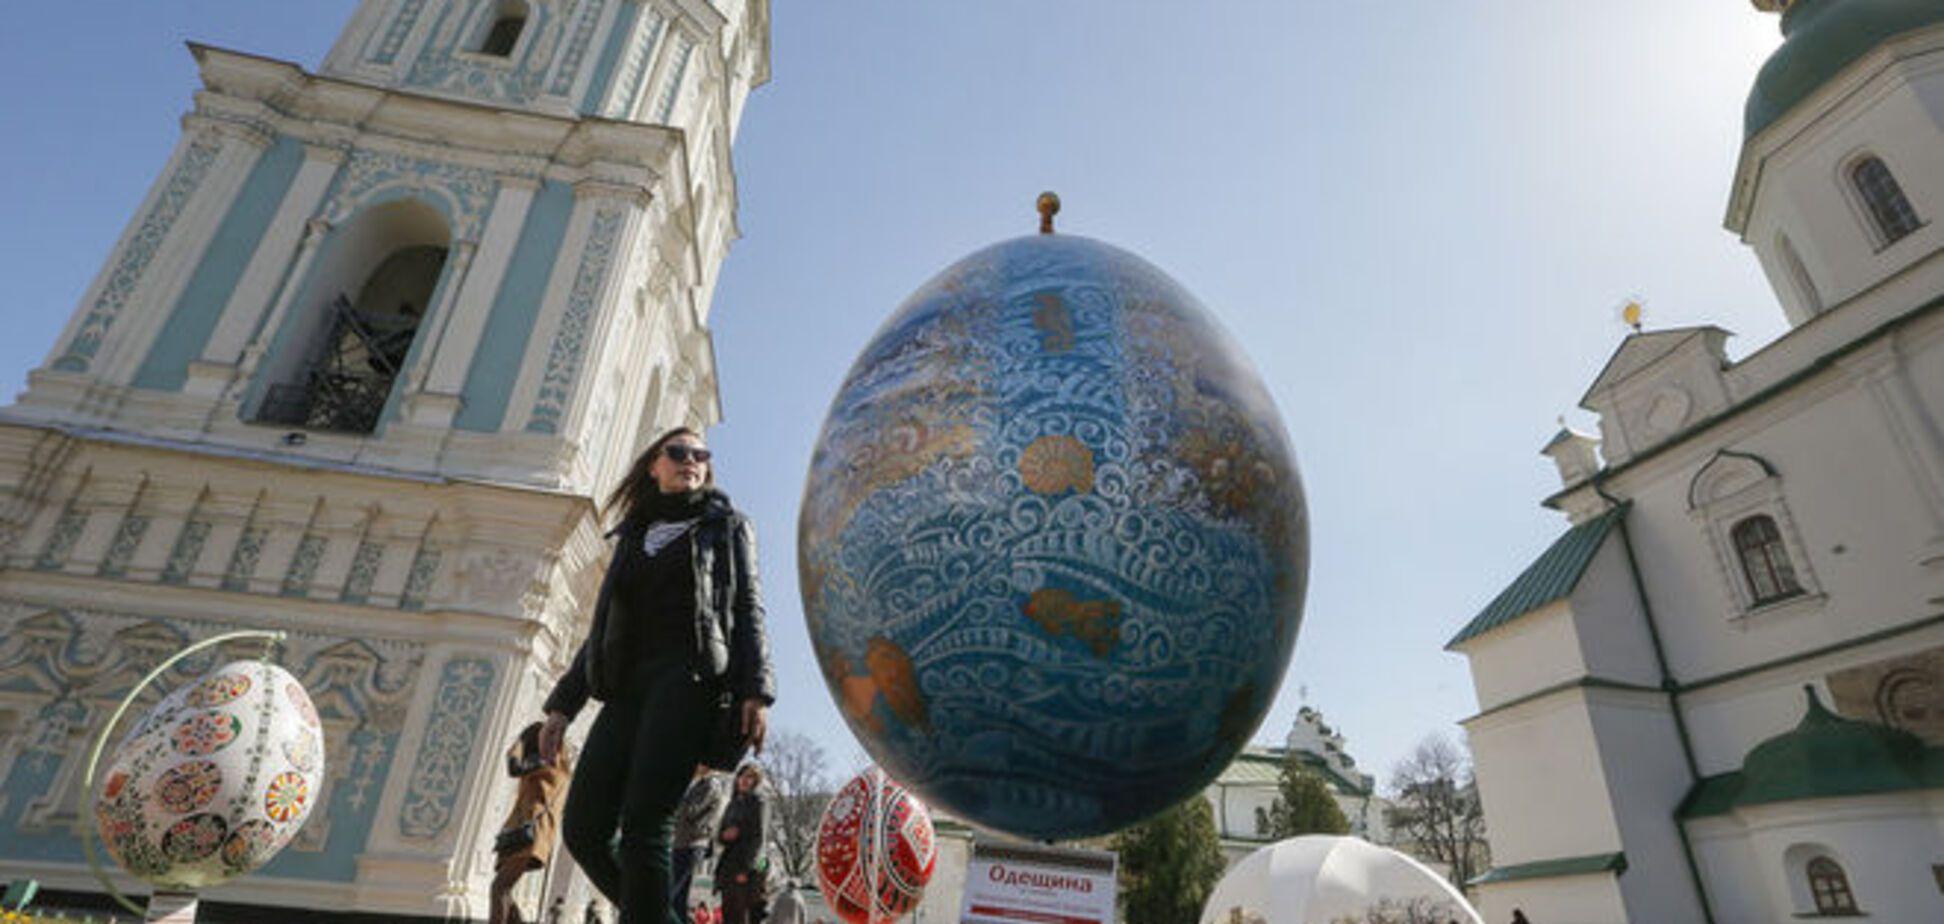 Празднование Пасхи в Киеве: программа мероприятий